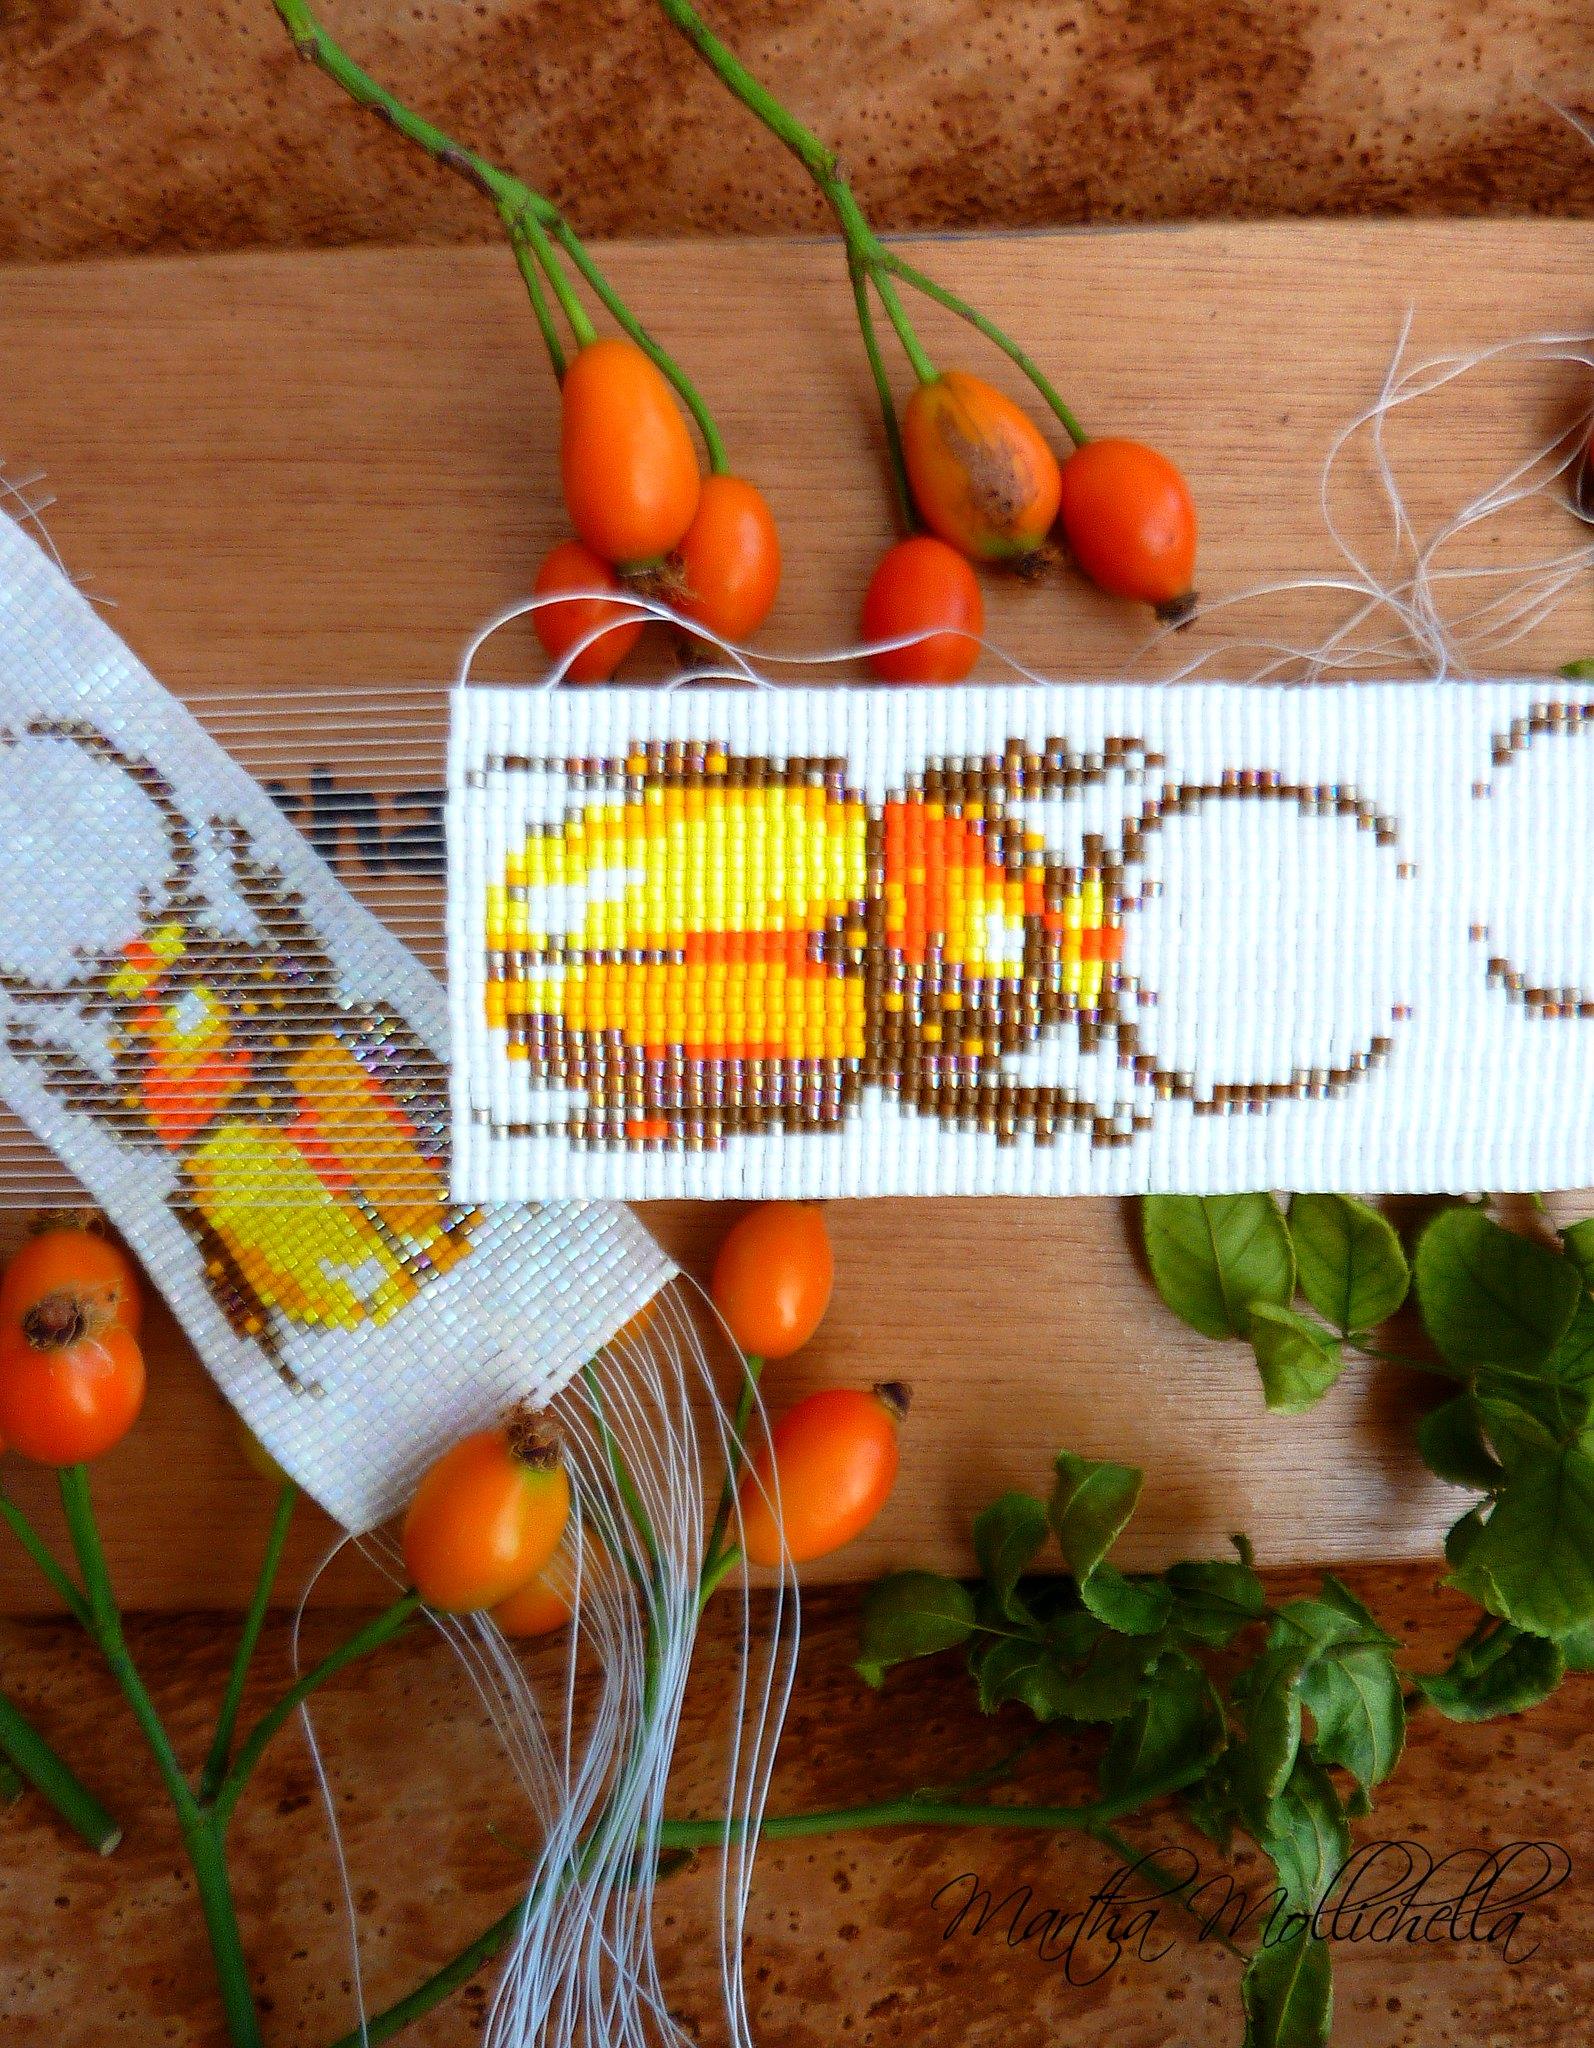 Gioielli a telaio by Martha Mollichella coleottero lamprima adolphinae